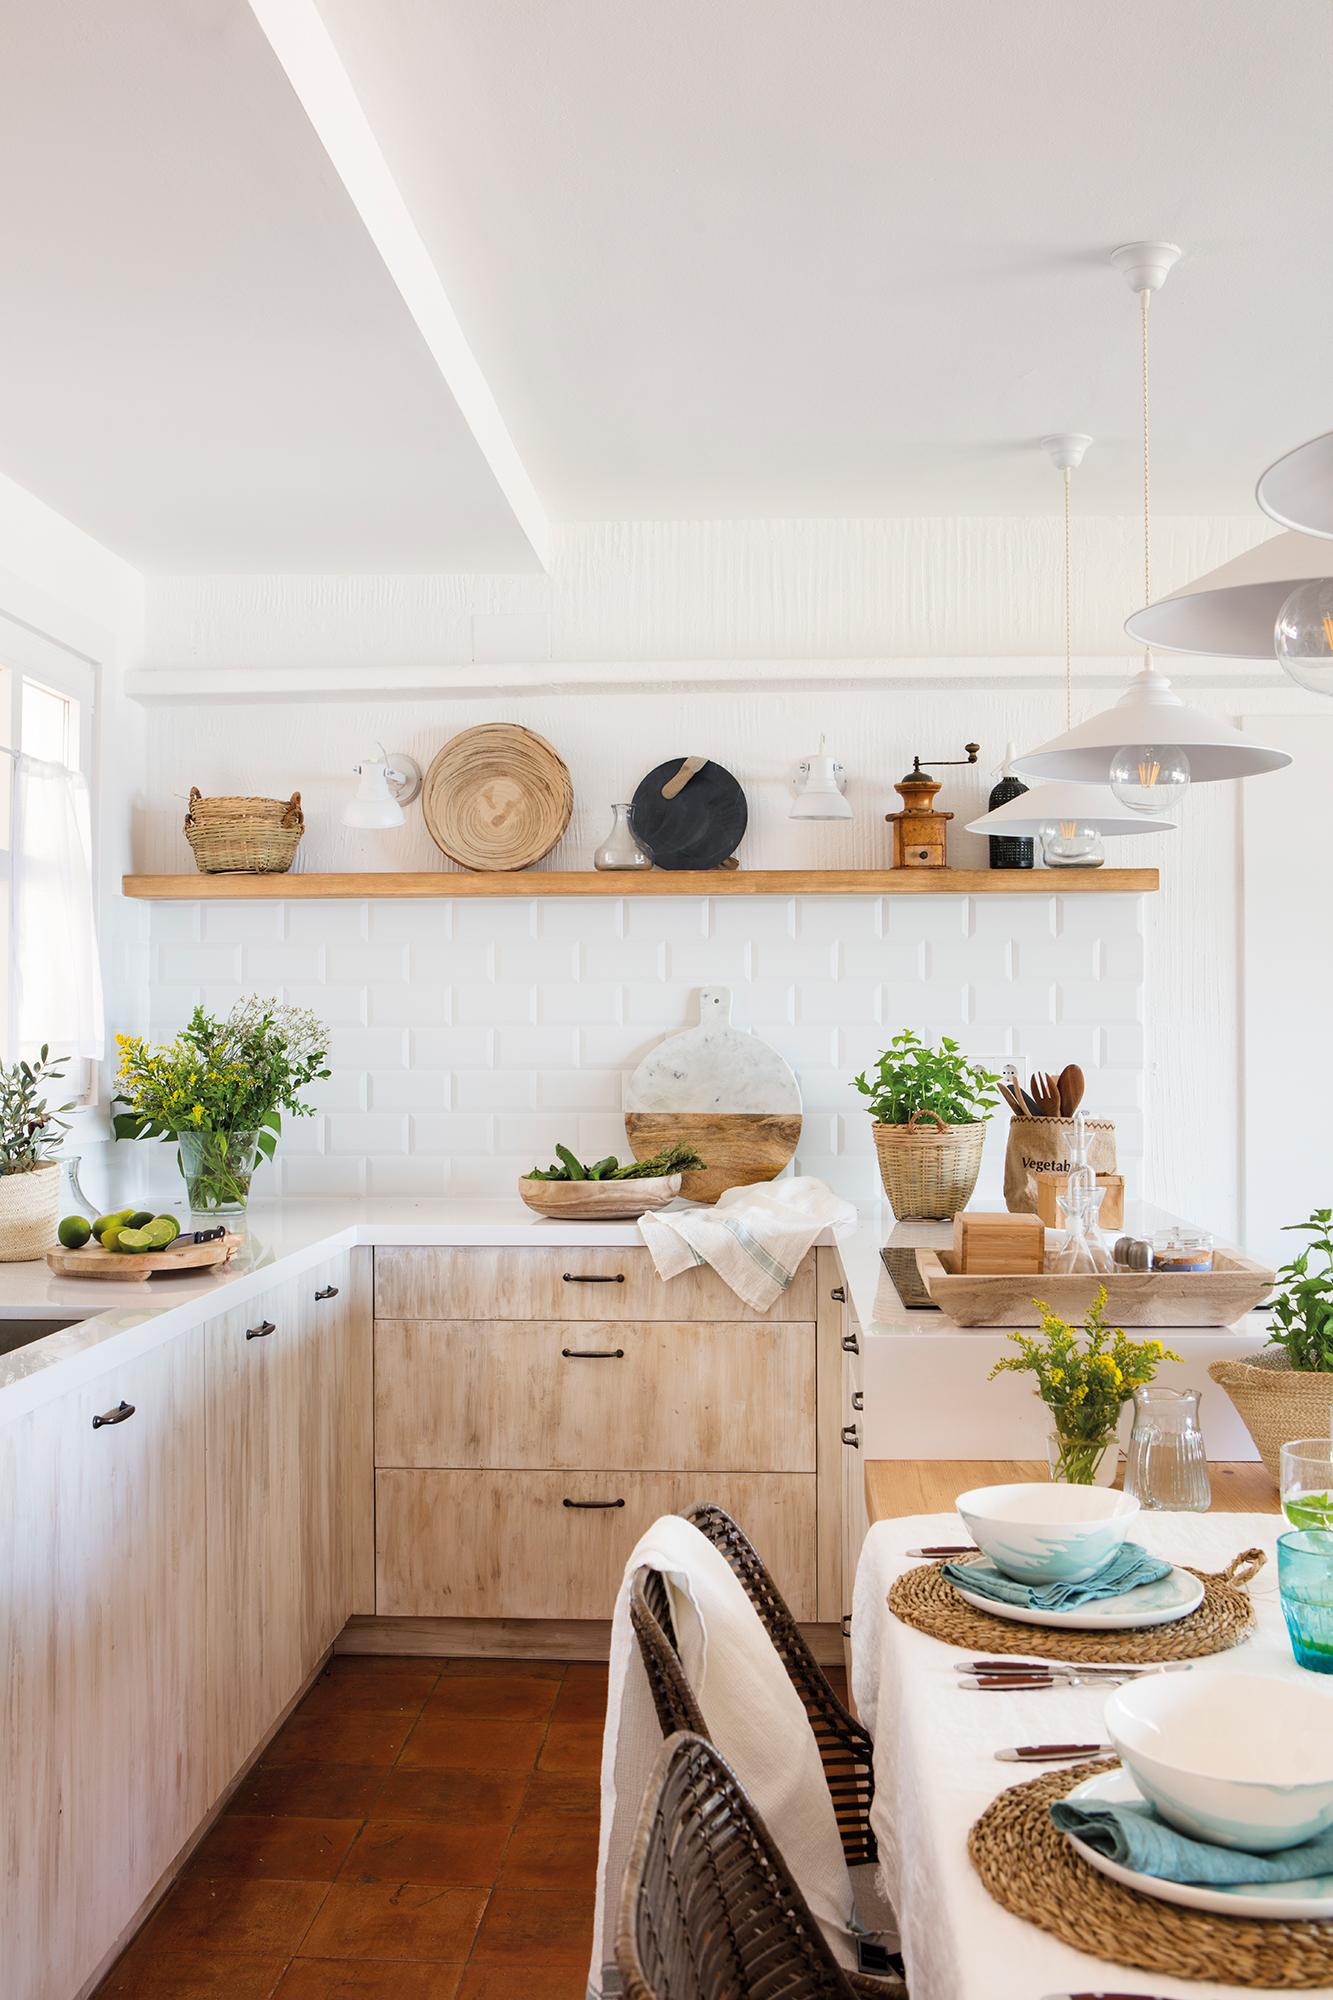 849 Fotos de Muebles de cocina